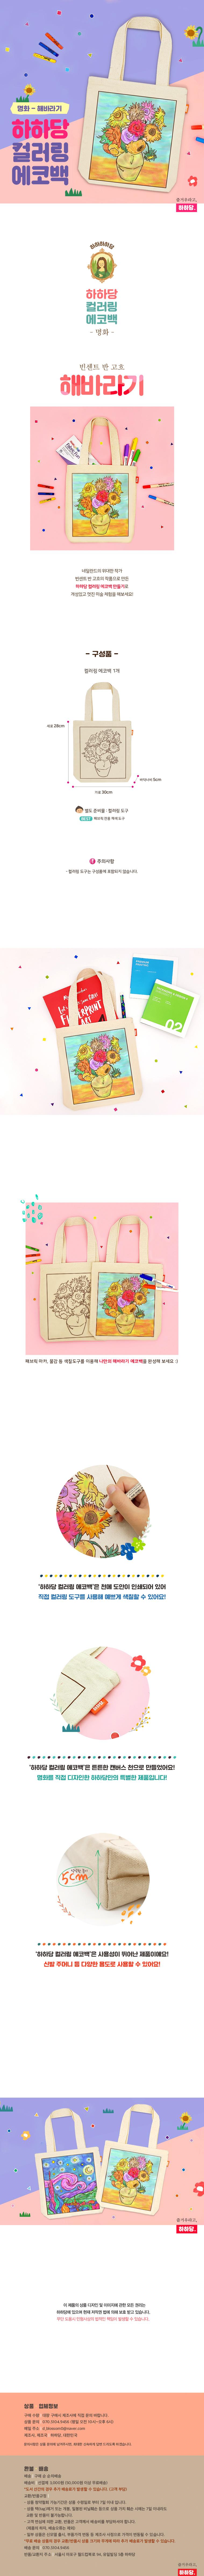 명화 해바라기 - 에코백 만들기 - 하하당, 2,800원, DIY그리기, 캐릭터 그리기